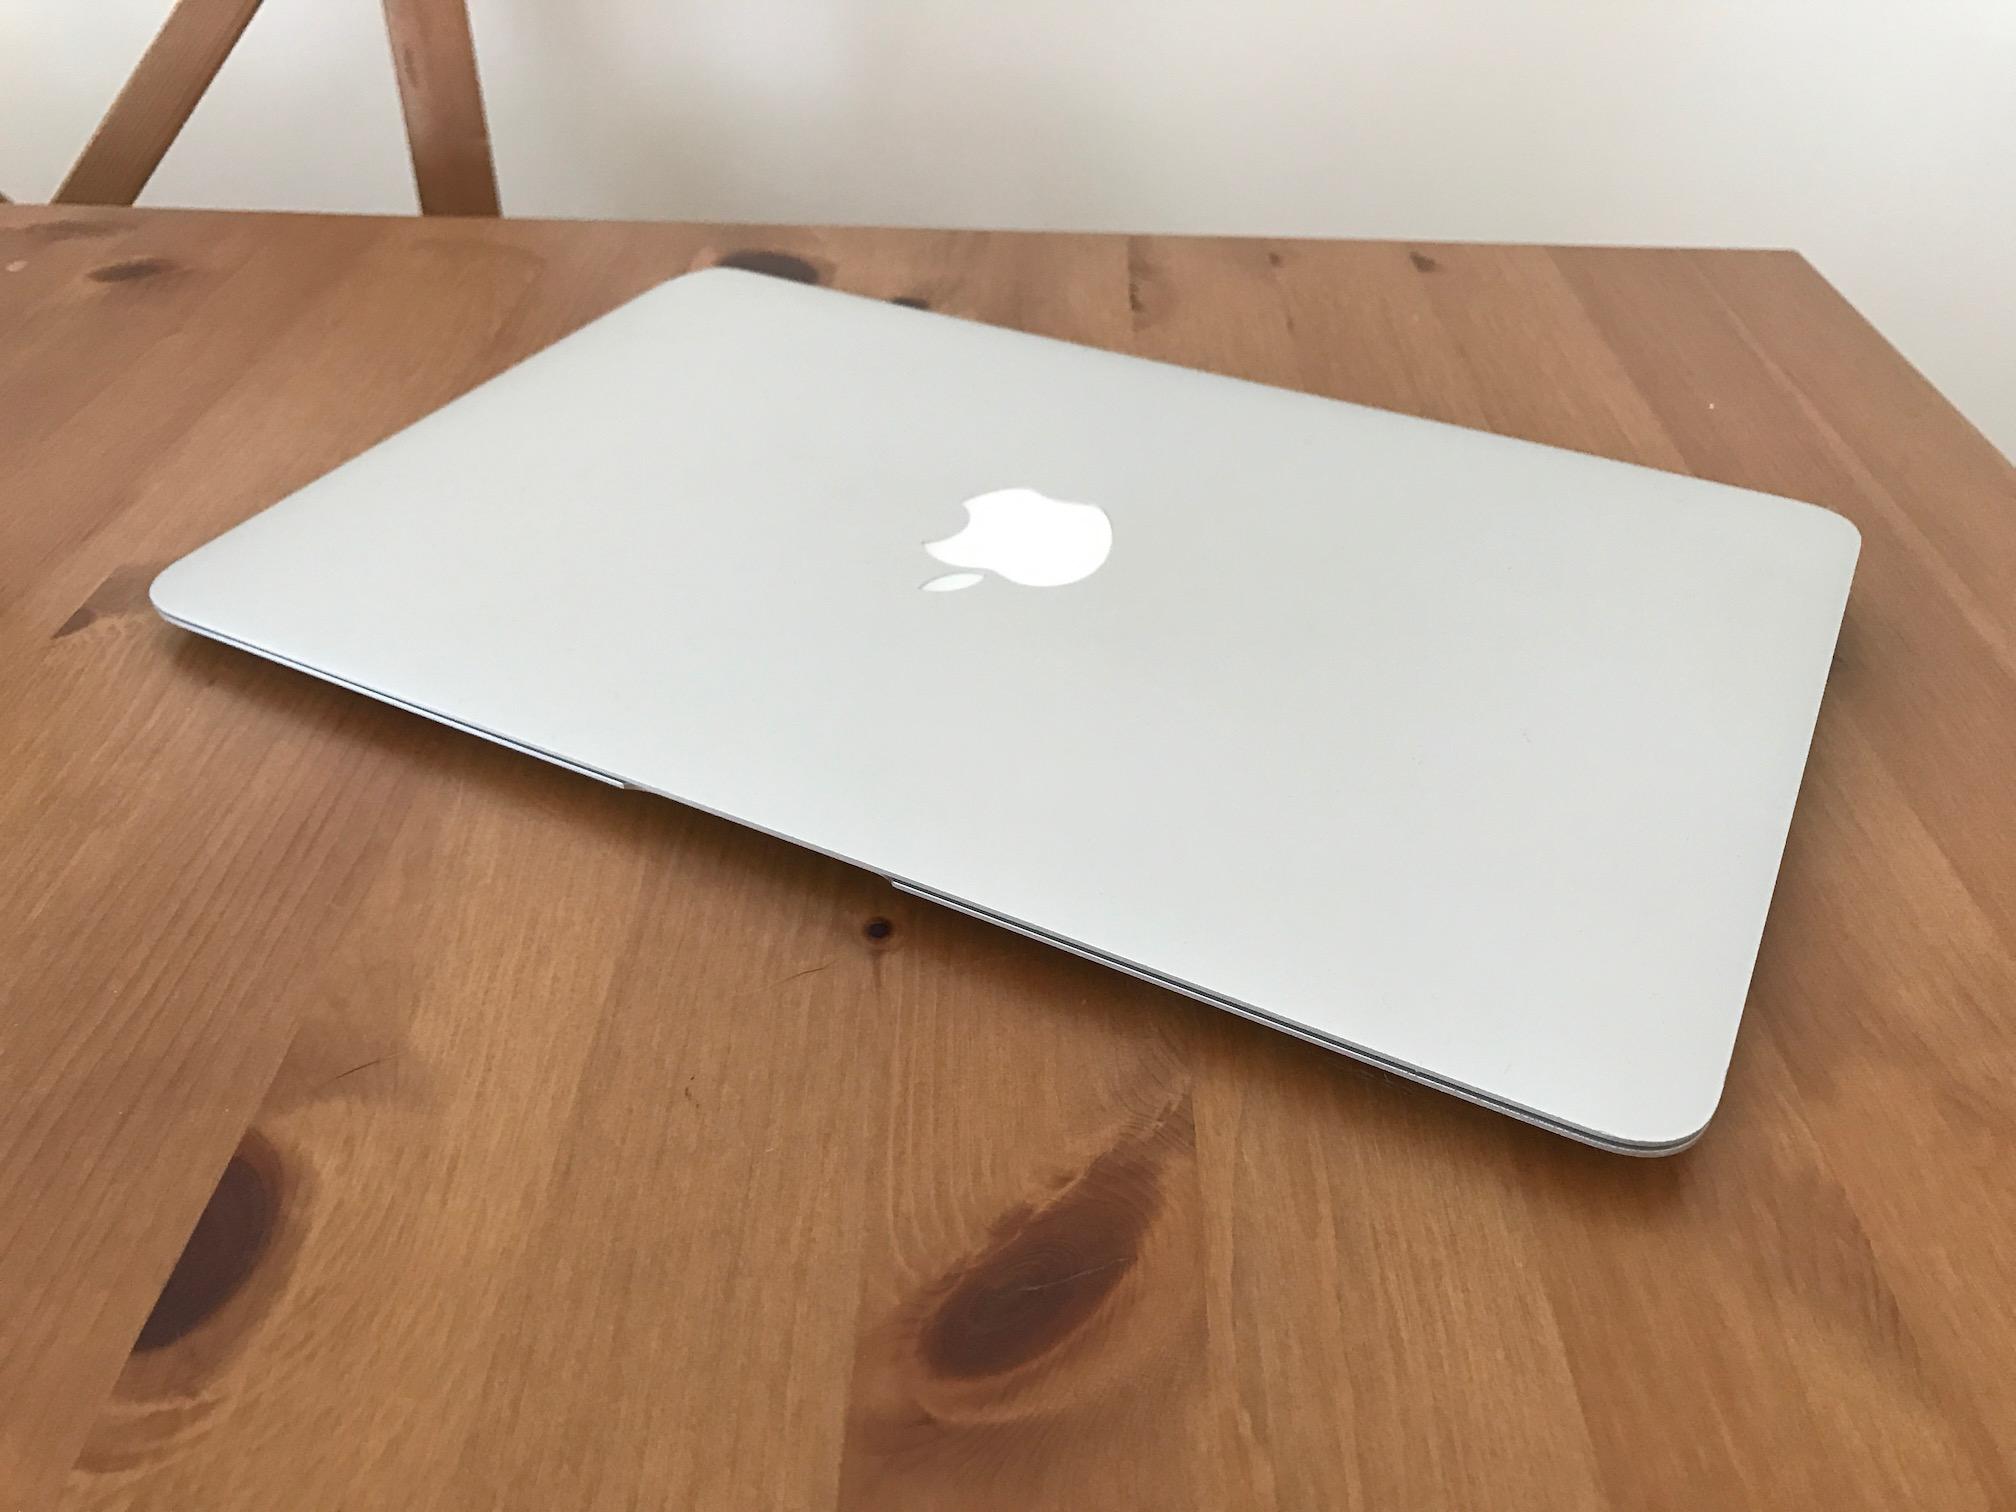 macbook-air-1.JPG